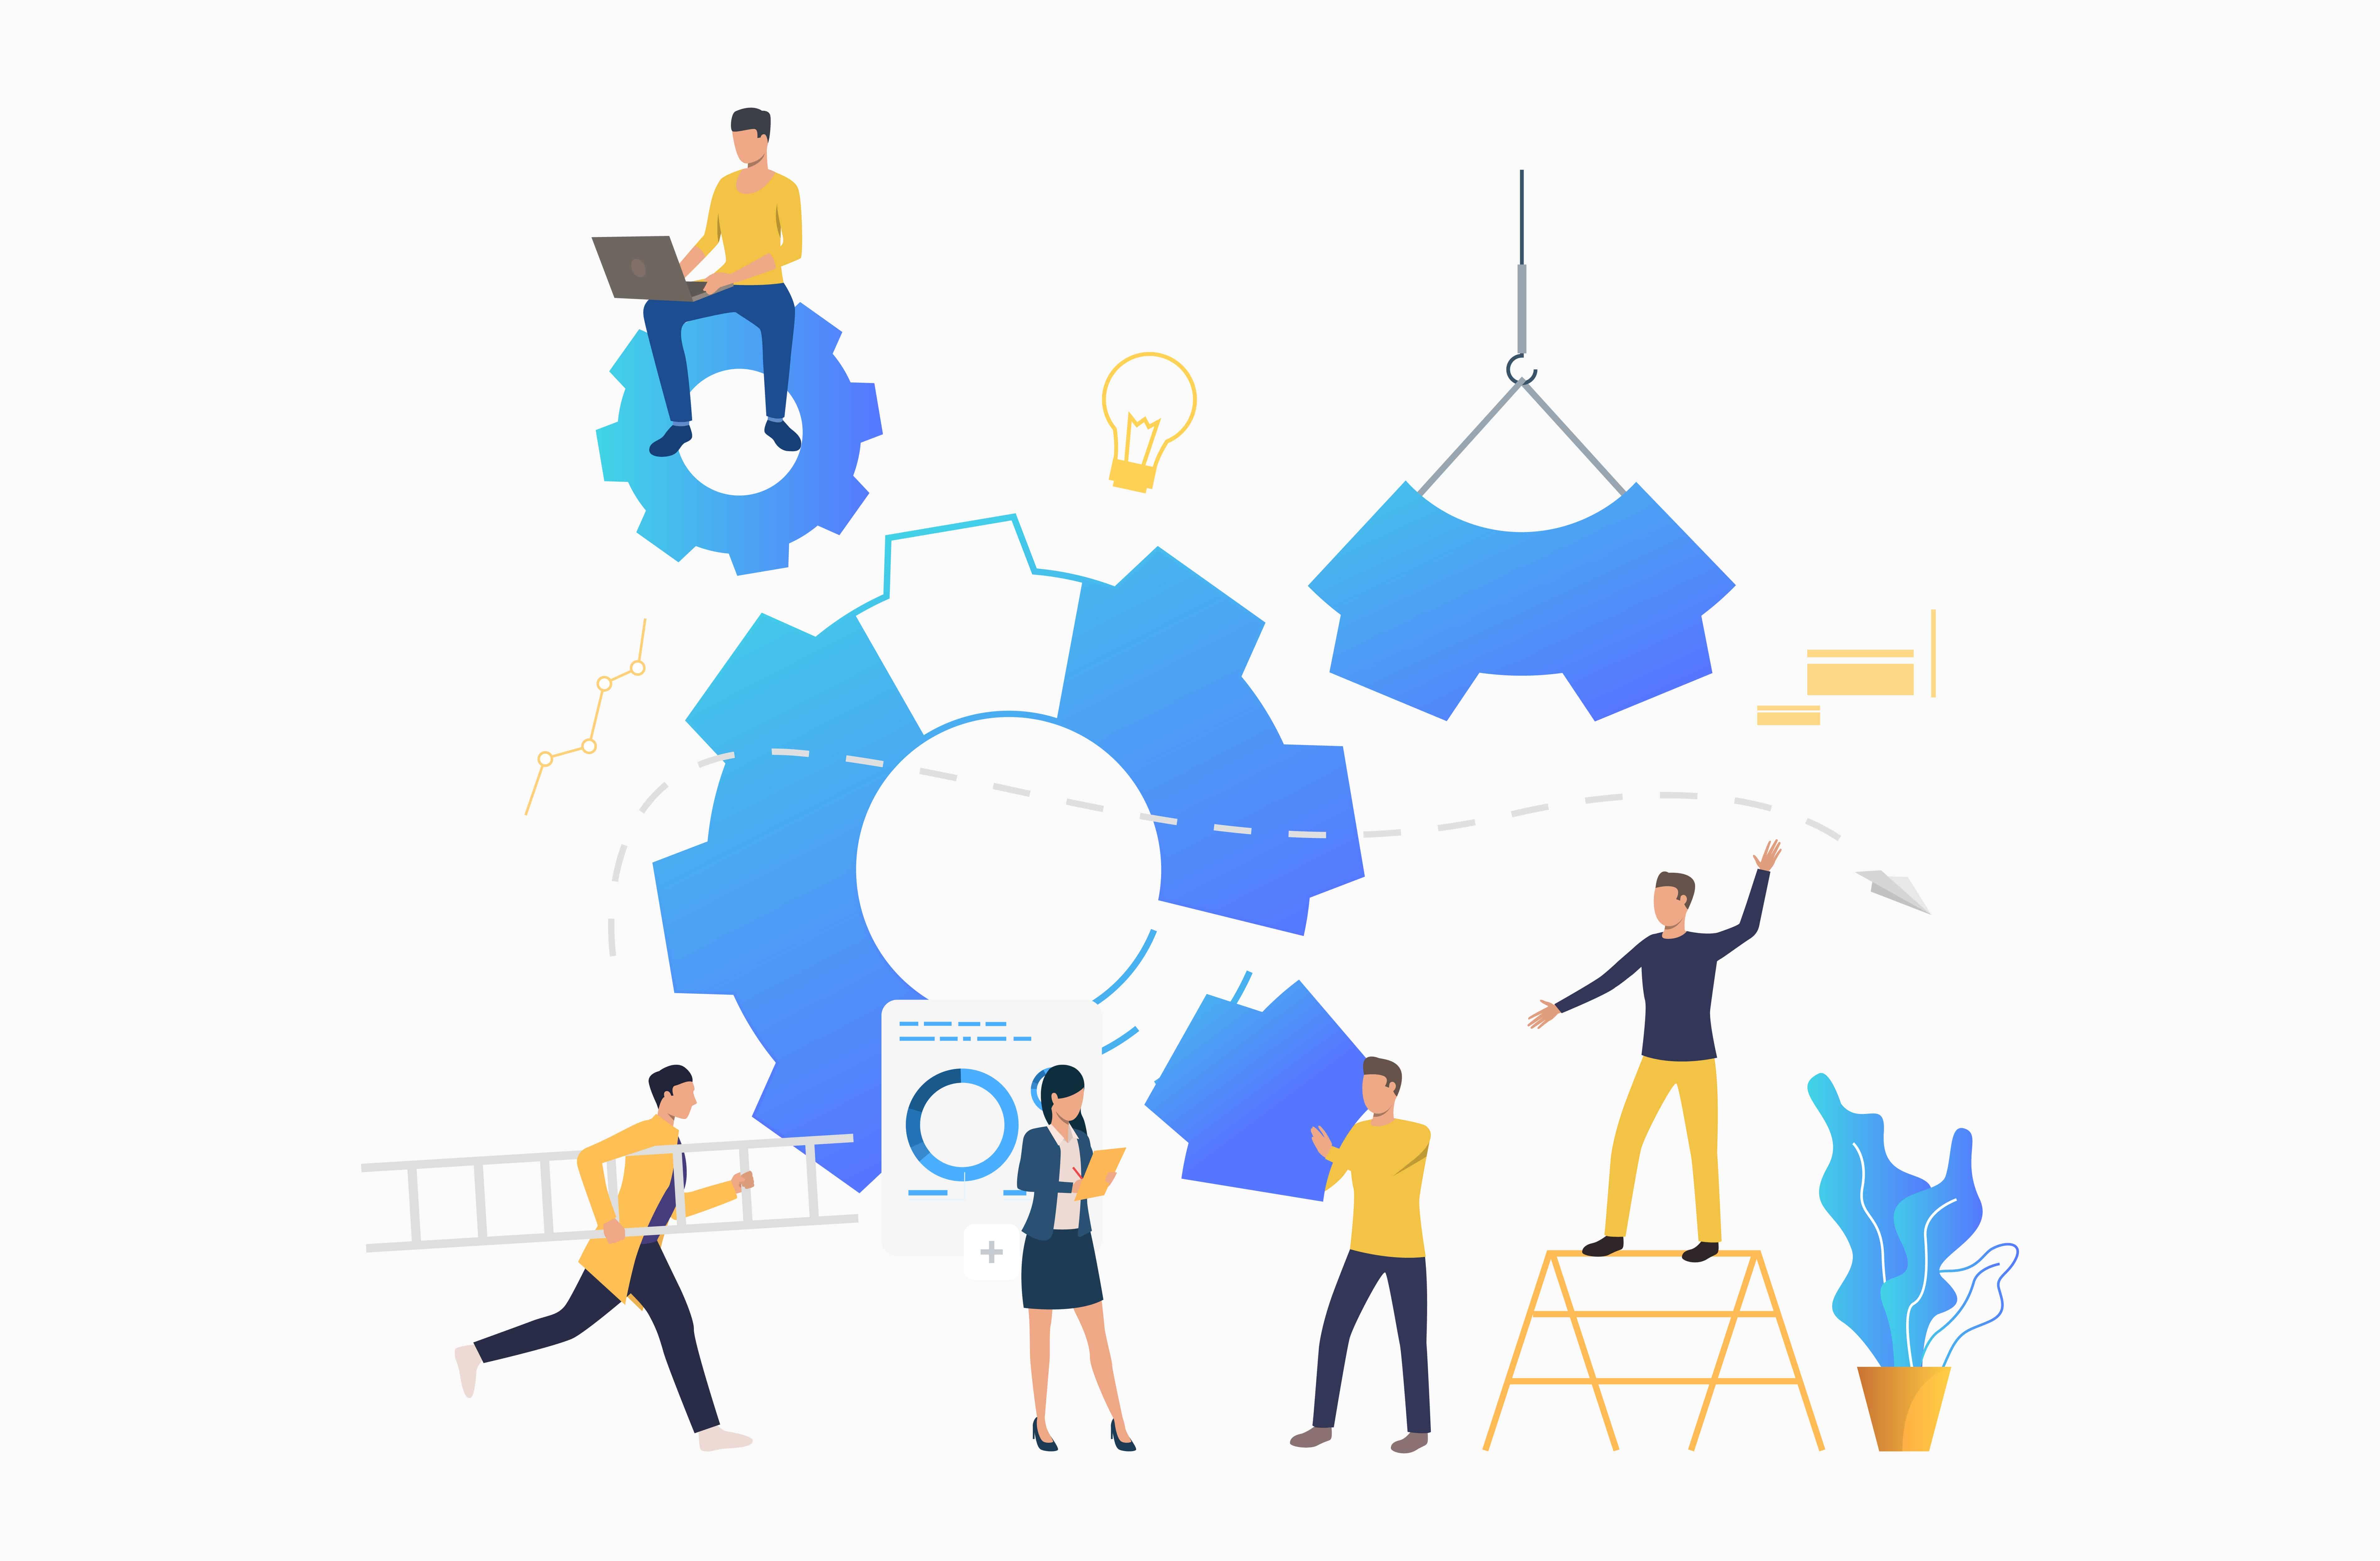 איך בניית אתרים לקידום בגוגל תעזור לכם להגדיל את ההכנסות שלכם?